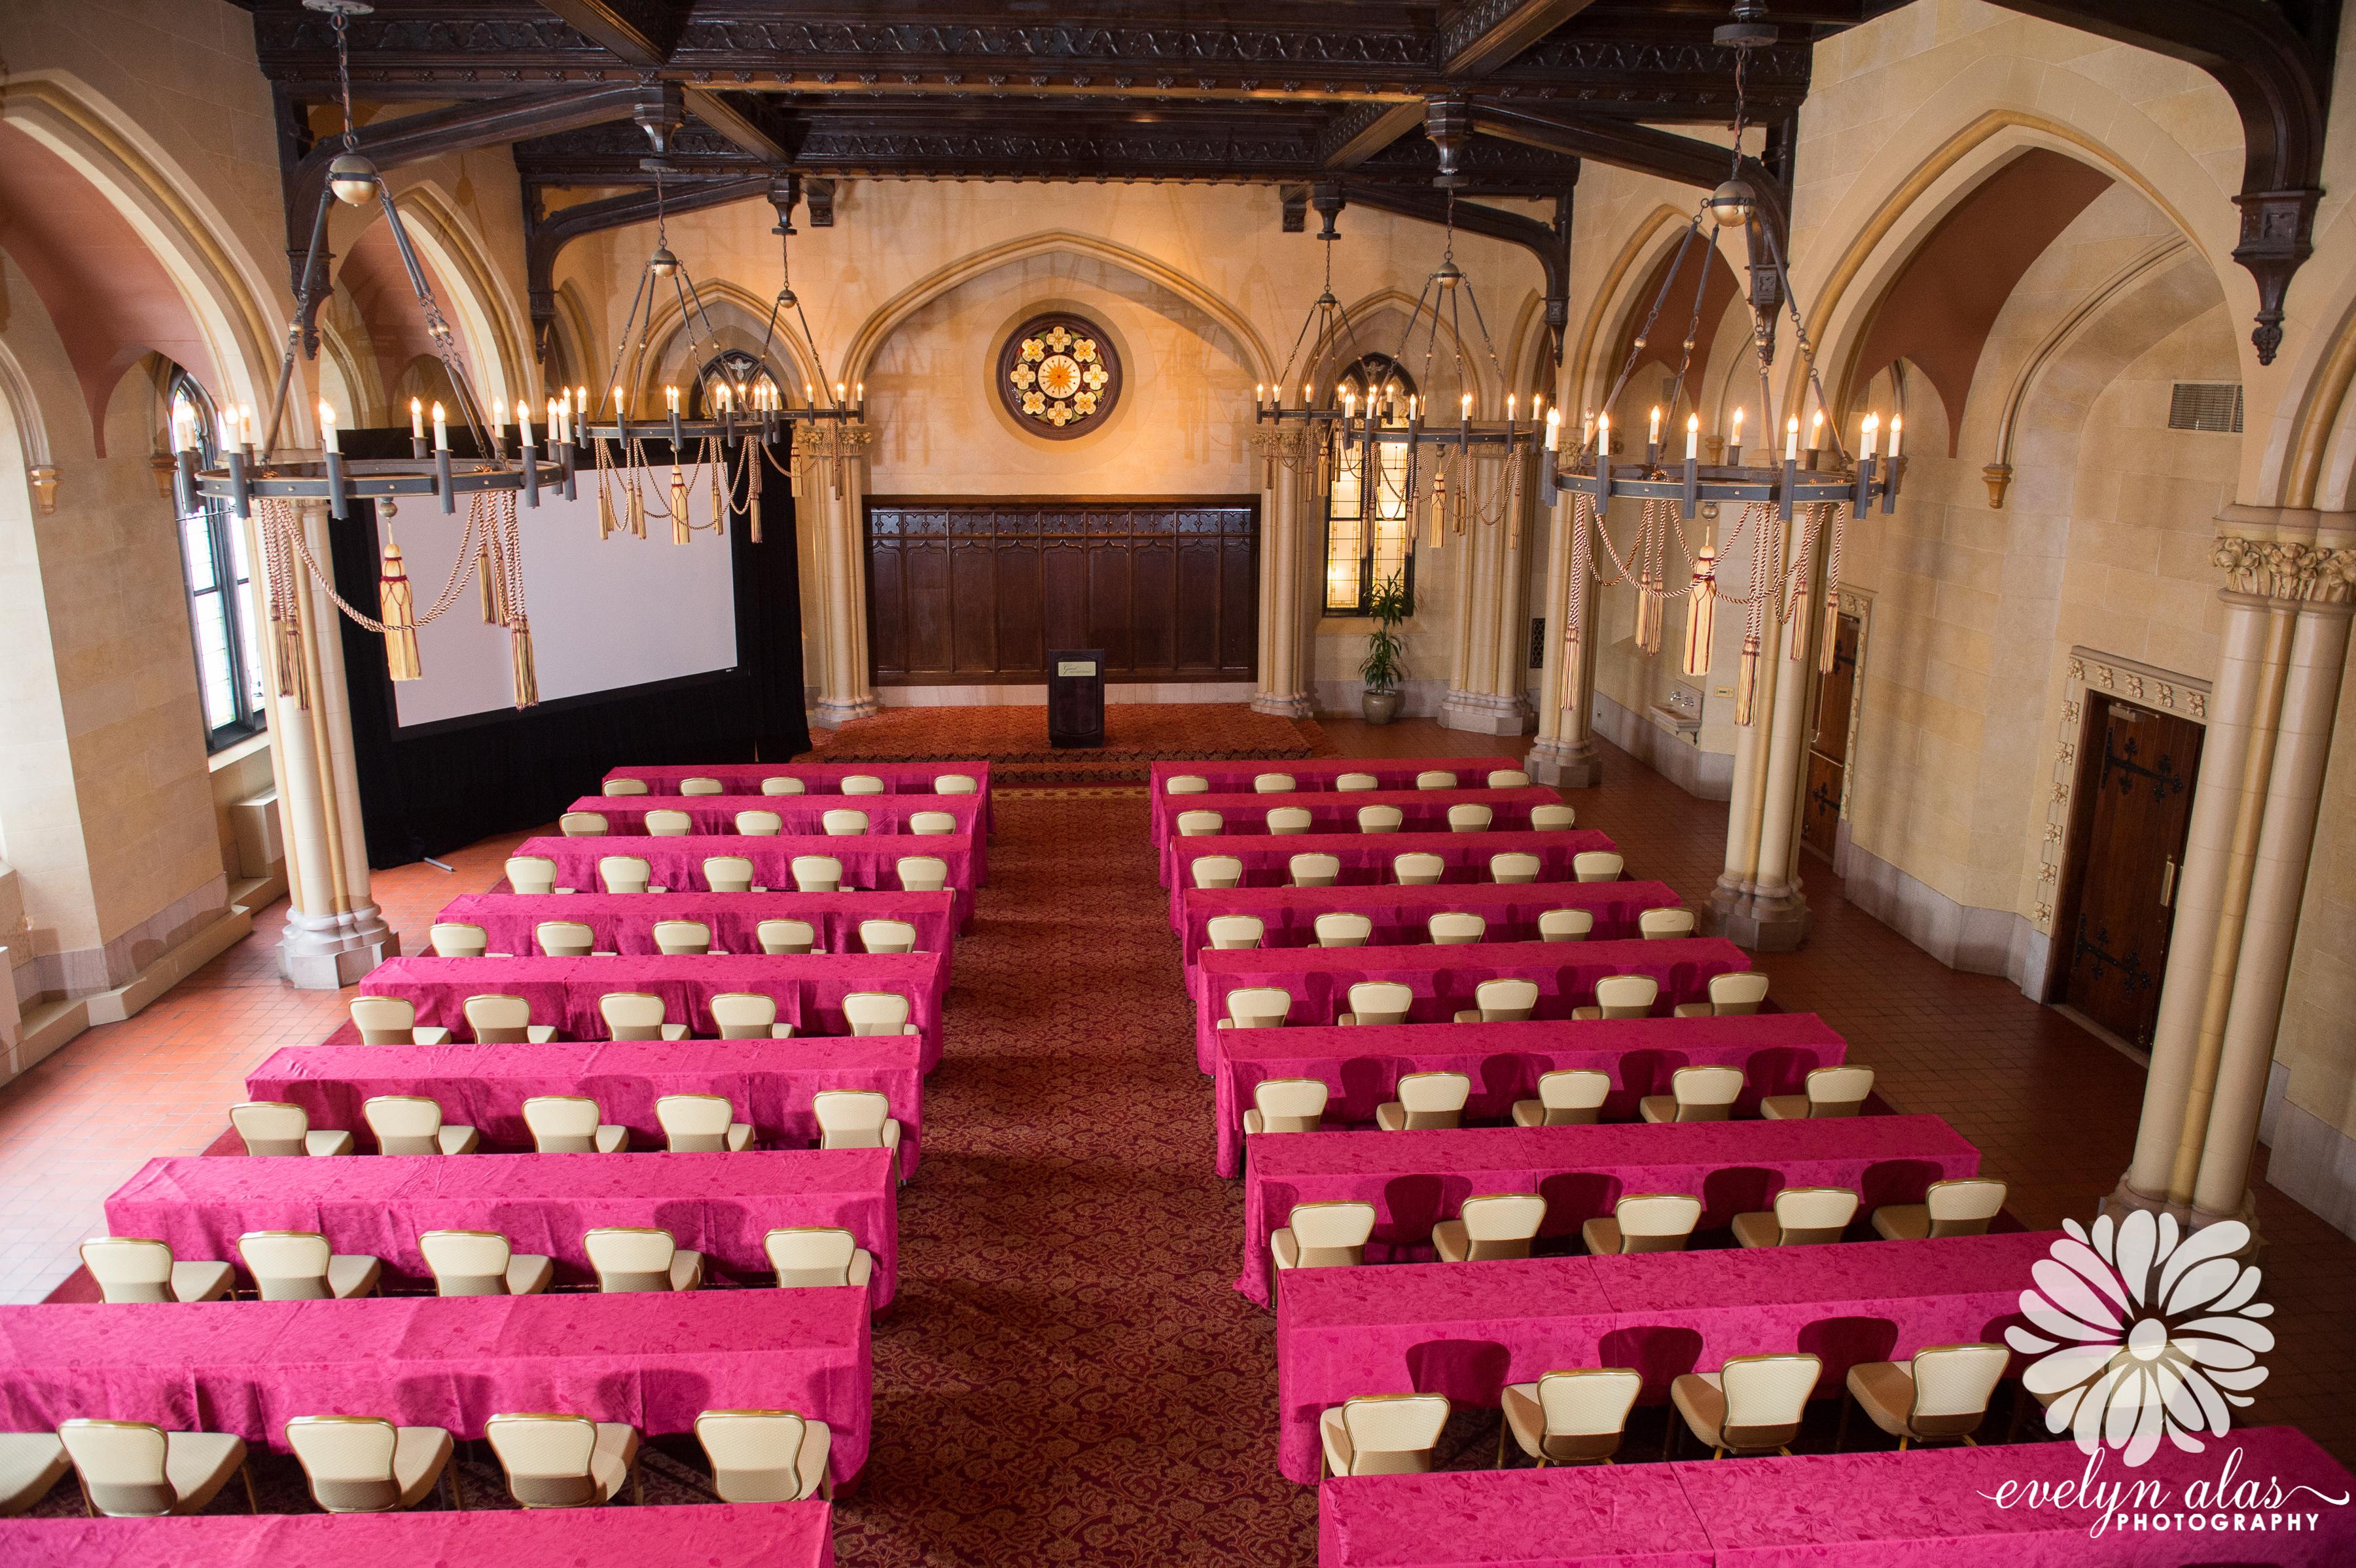 Interior of the Grand